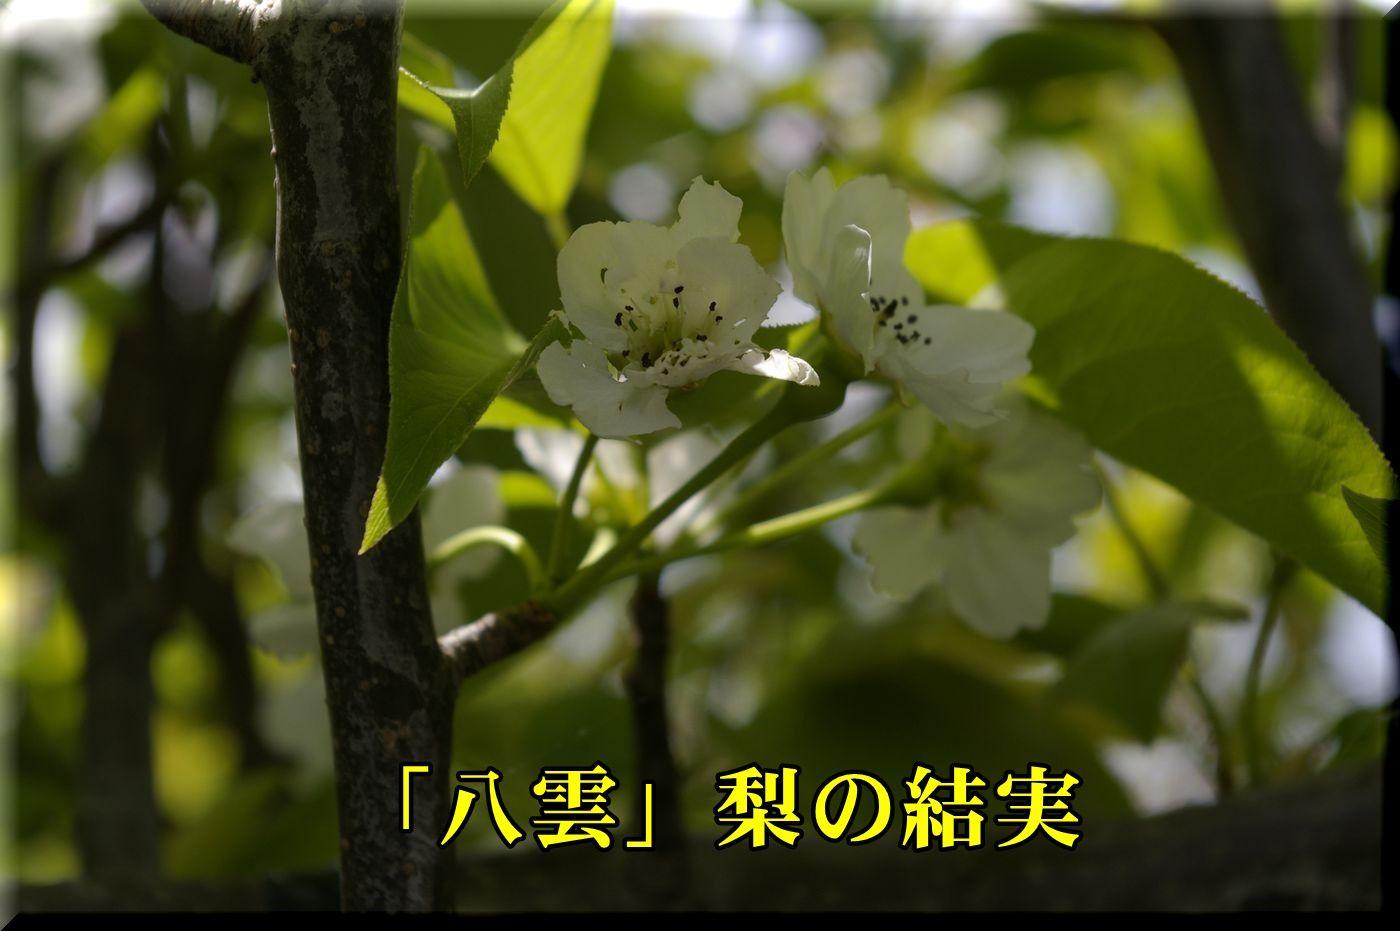 1yakumo160418_007.jpg